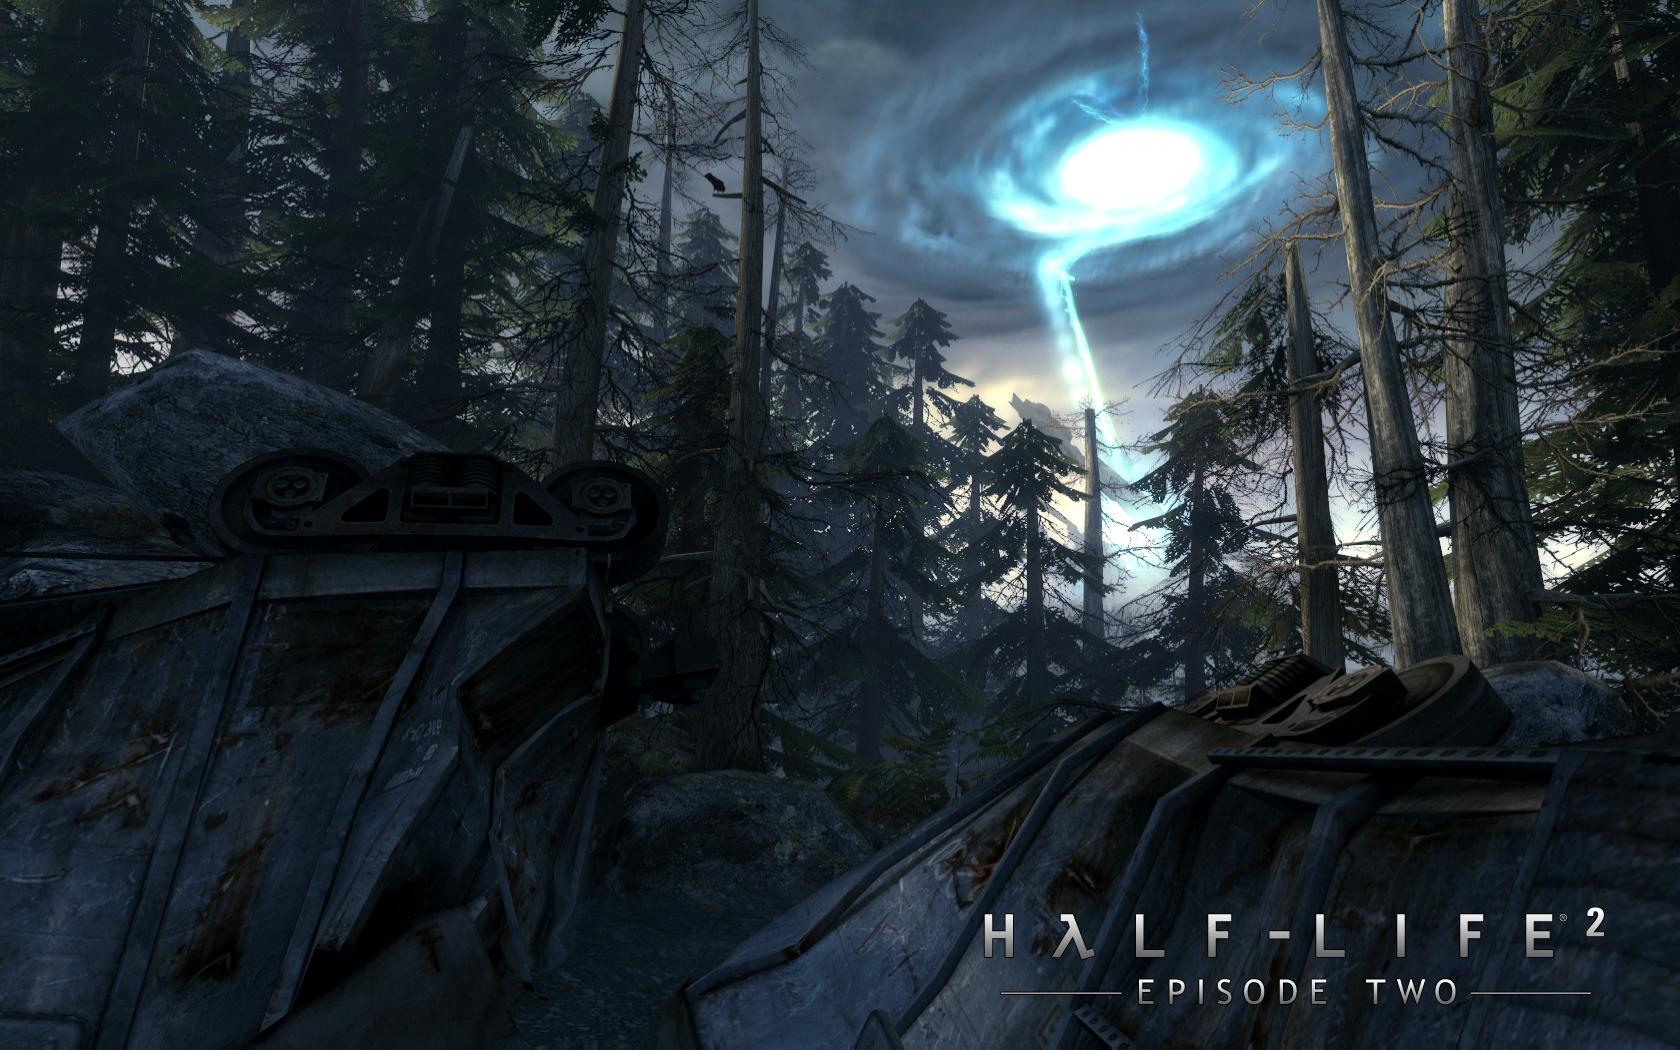 Half-life 2: episode 1 logo 03 обои 1440x900 обои - half-life 2: episode 1 logo обои - игра обои